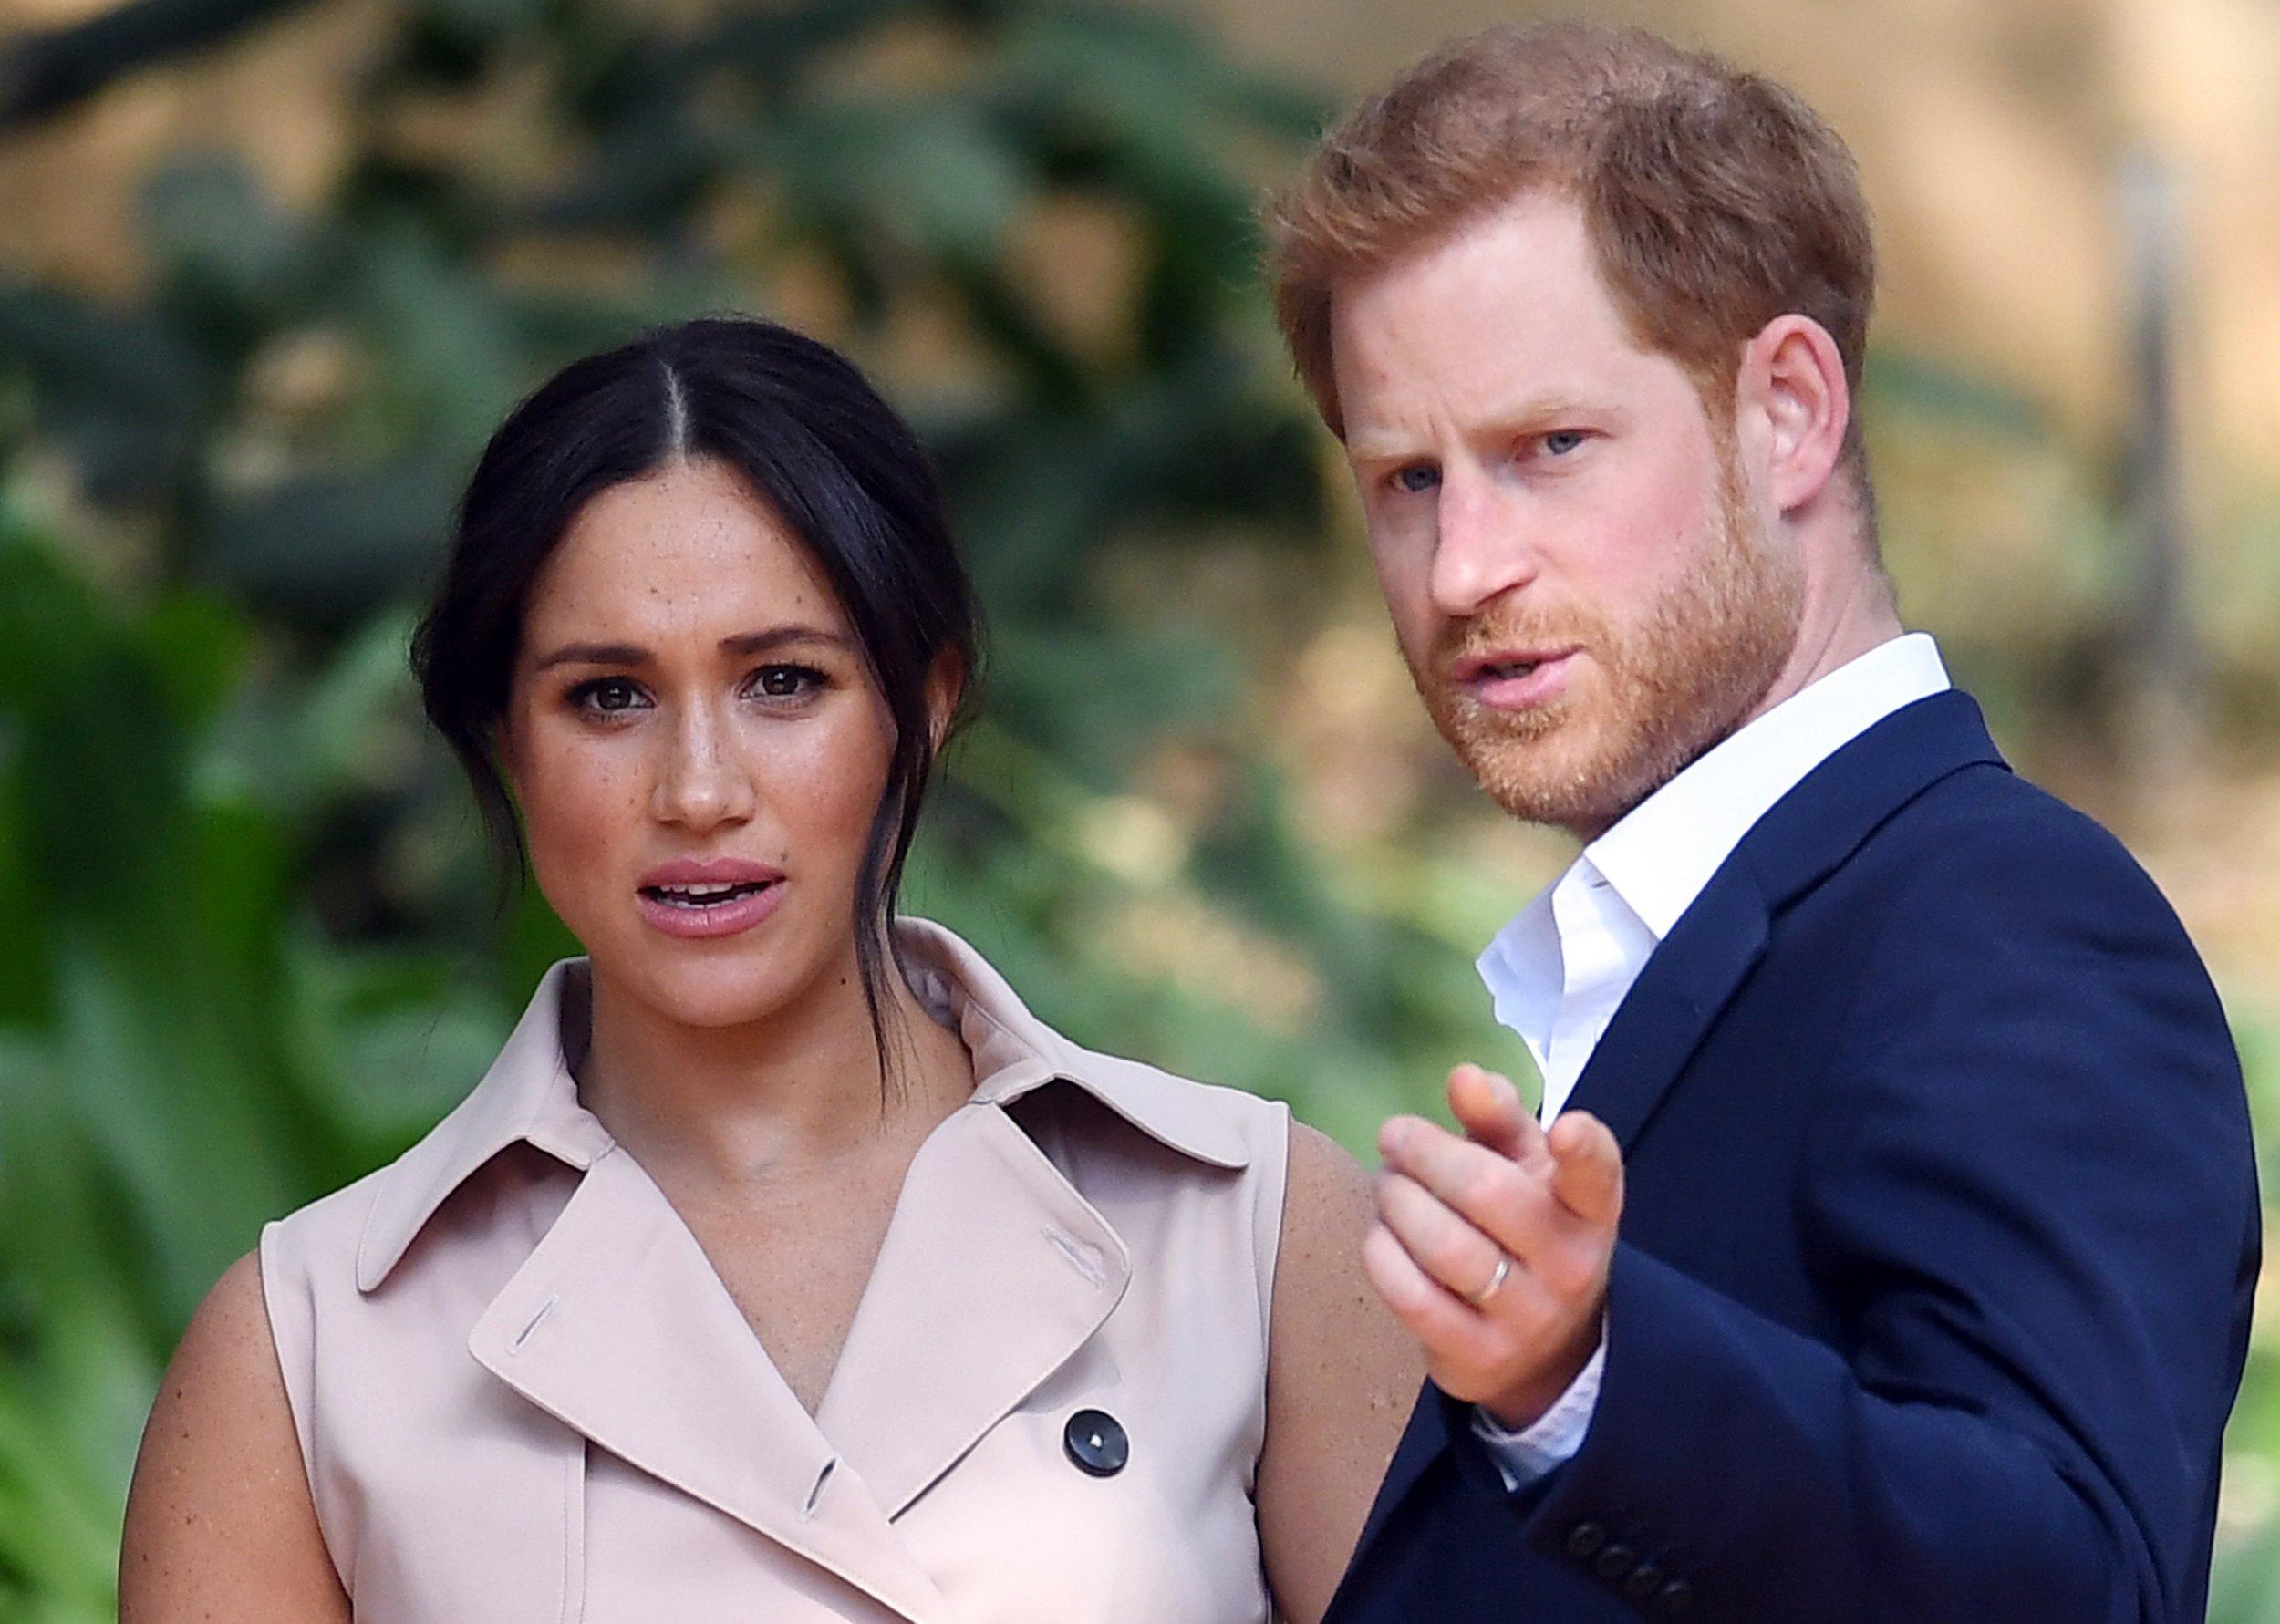 epa09055932 (FILE) - Princi Britanik Harry, Duka i Sussex (R) dhe gruaja e tij Meghan, Dukesha e Sussex marrin pjesë në një pritje industri krijuese dhe biznesi në rezidencën e Komisionerit të Lartë në Johannesburg, Afrika e Jugut, 02 Tetor 2019 (ribotuar më 06 Mars 2021) Me  Kanali amerikan CBS do të transmetojë një intervistë me Harry dhe Meghan të Britanisë, Duka dhe Dukesha e Sussex të Dielën, 07 Mars.  EPA/FACUNDO ARRIZABALAGA *** Titra lokale *** 56058870